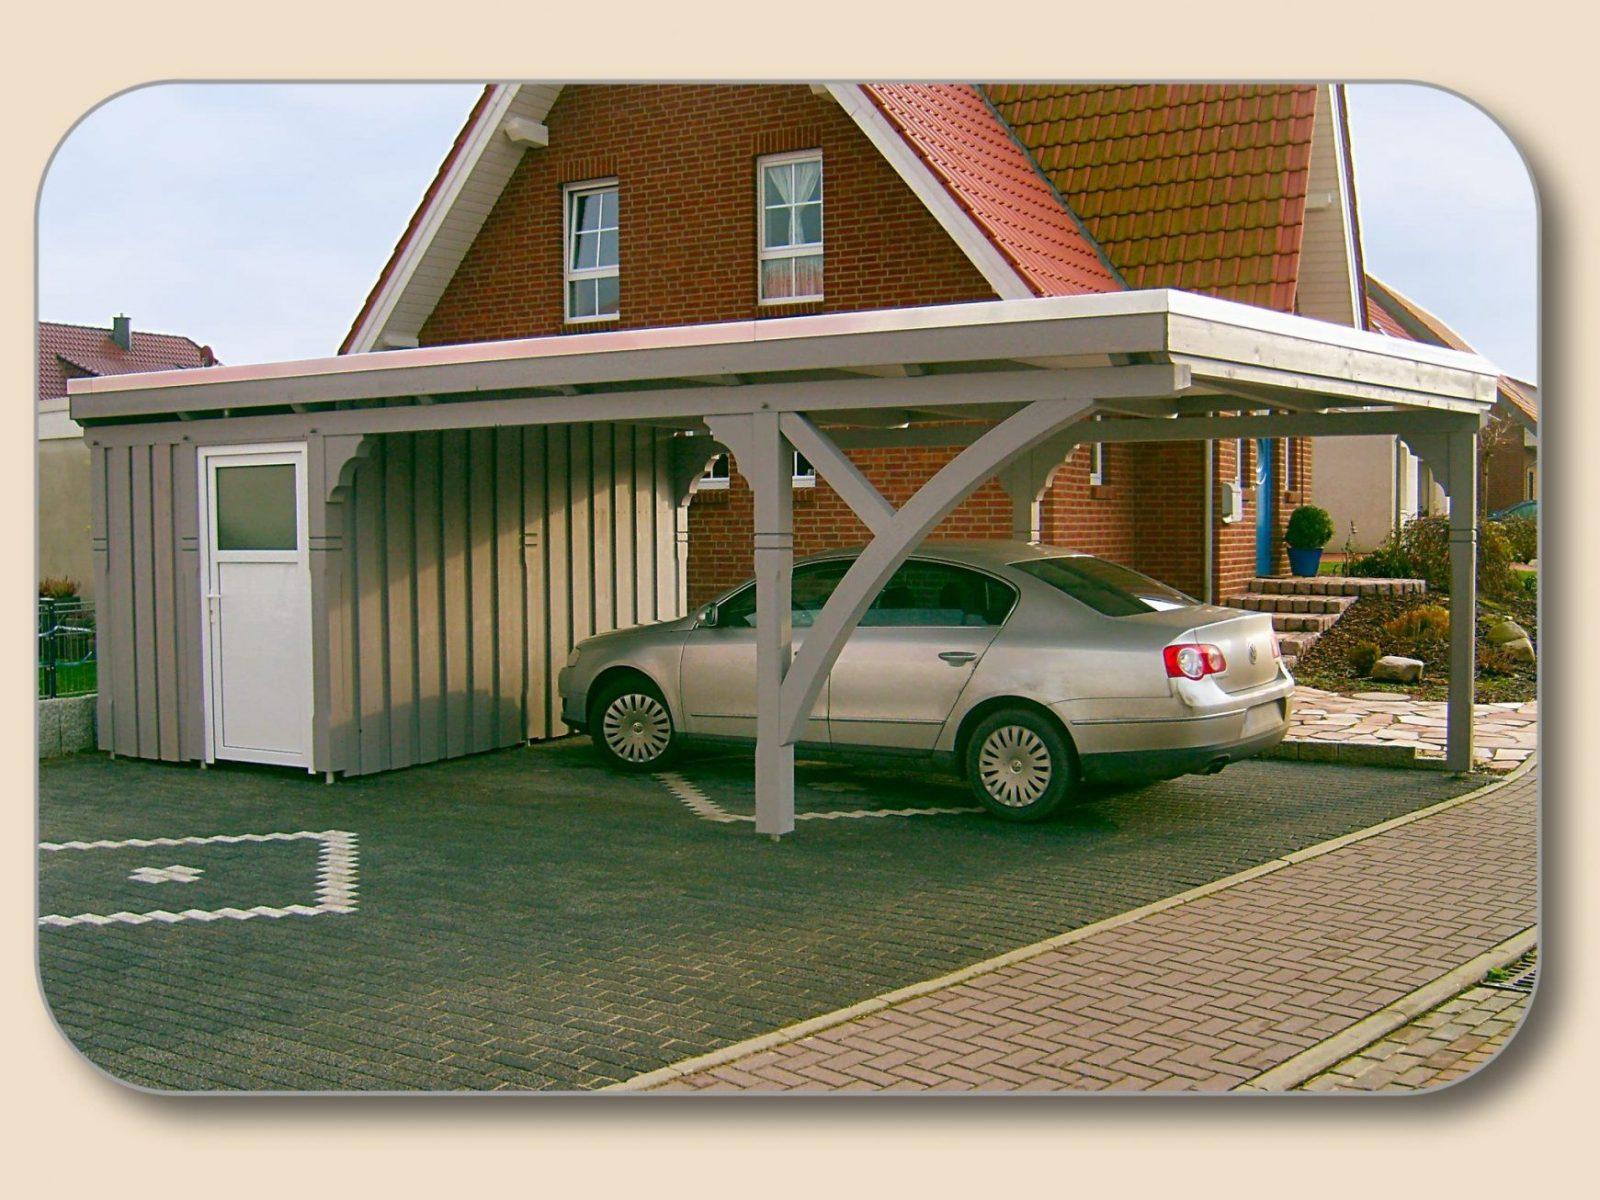 Carport Selbst Bauen Carport Selbst Bauen With Carport Selbst Bauen von Carport Selber Bauen Architektur Allgemein Photo